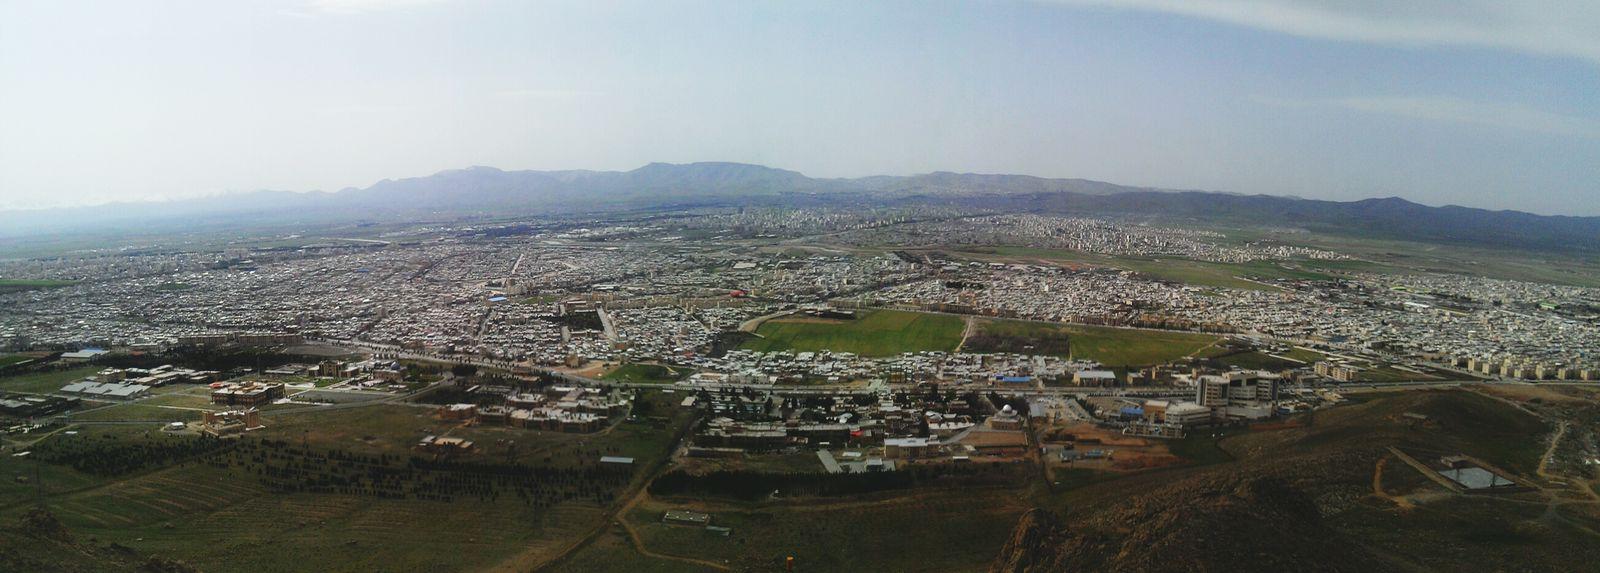 کرمانشاه ایران کوه ارتفاع پانوراما Iran Kermanshah Panorama Taking Photos Photography Photo Relaxing 07:00 Sky City Photo By Me عکس عکاسی طلوع افتاب